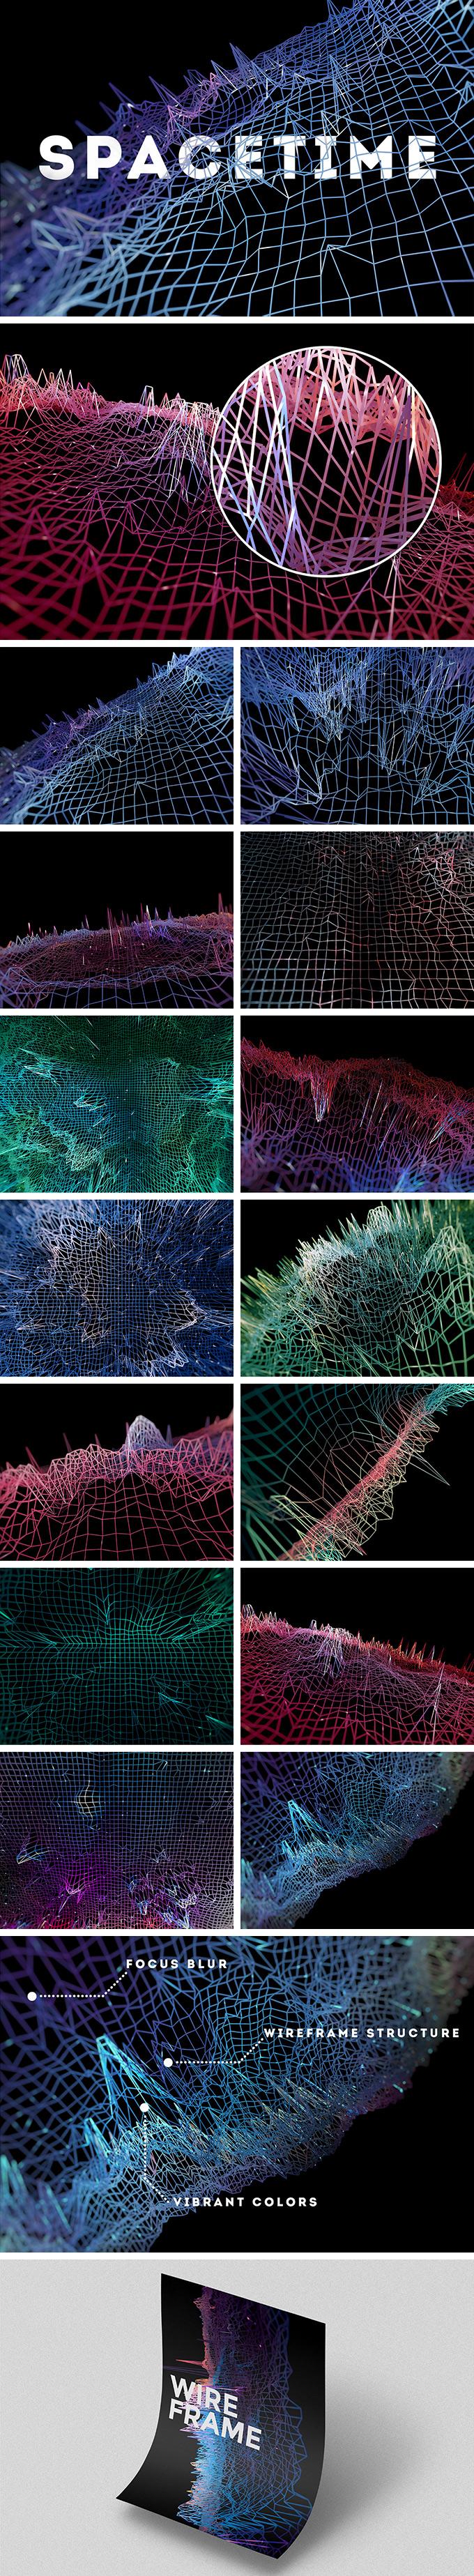 Подборка абстрактных бекграундов